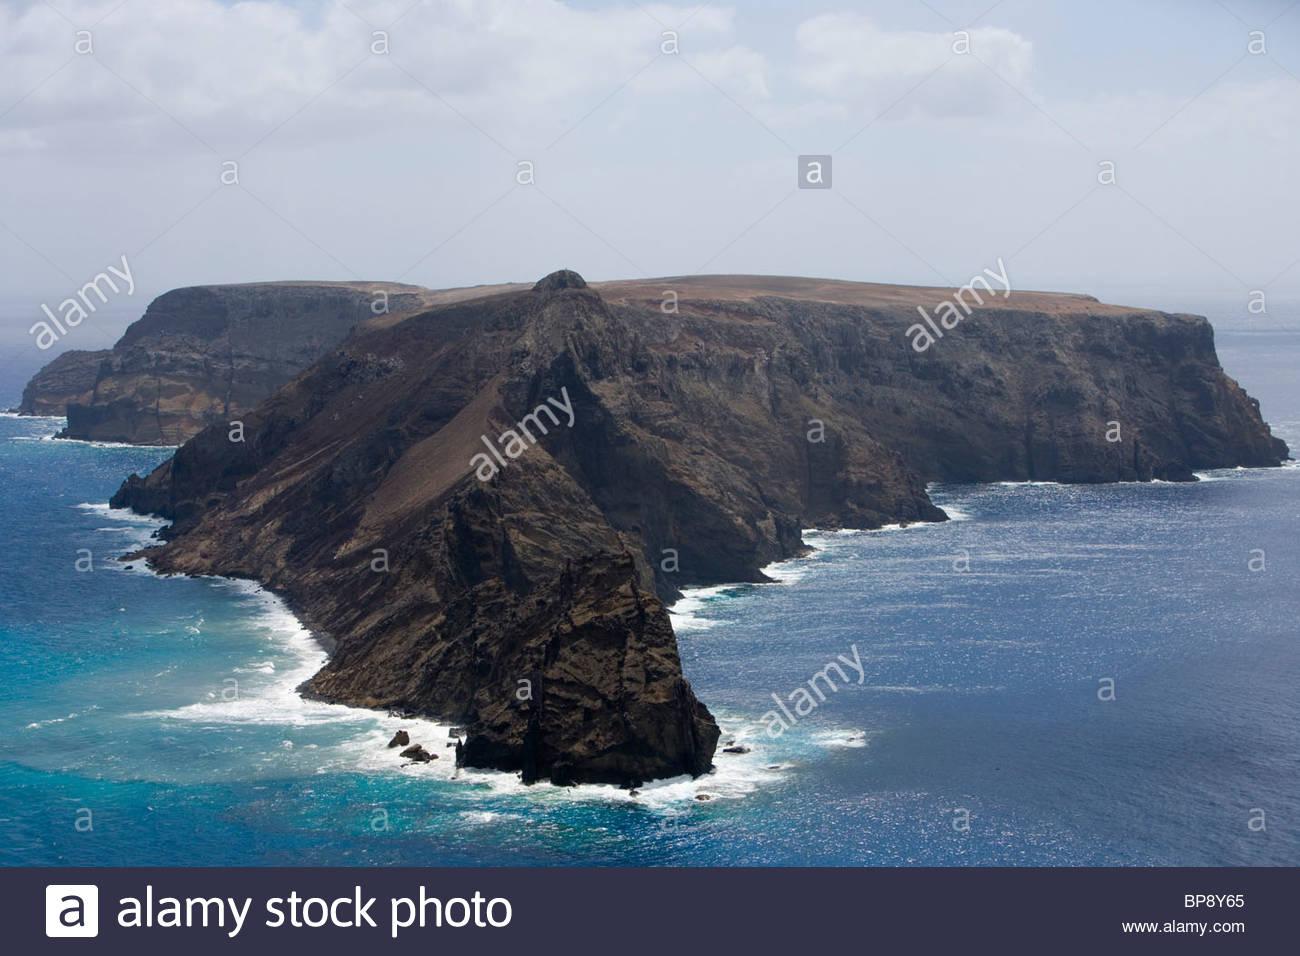 llheu de Baixo ou da Cal Island, Porto Santo, near Madeira, Portugal - Stock Image